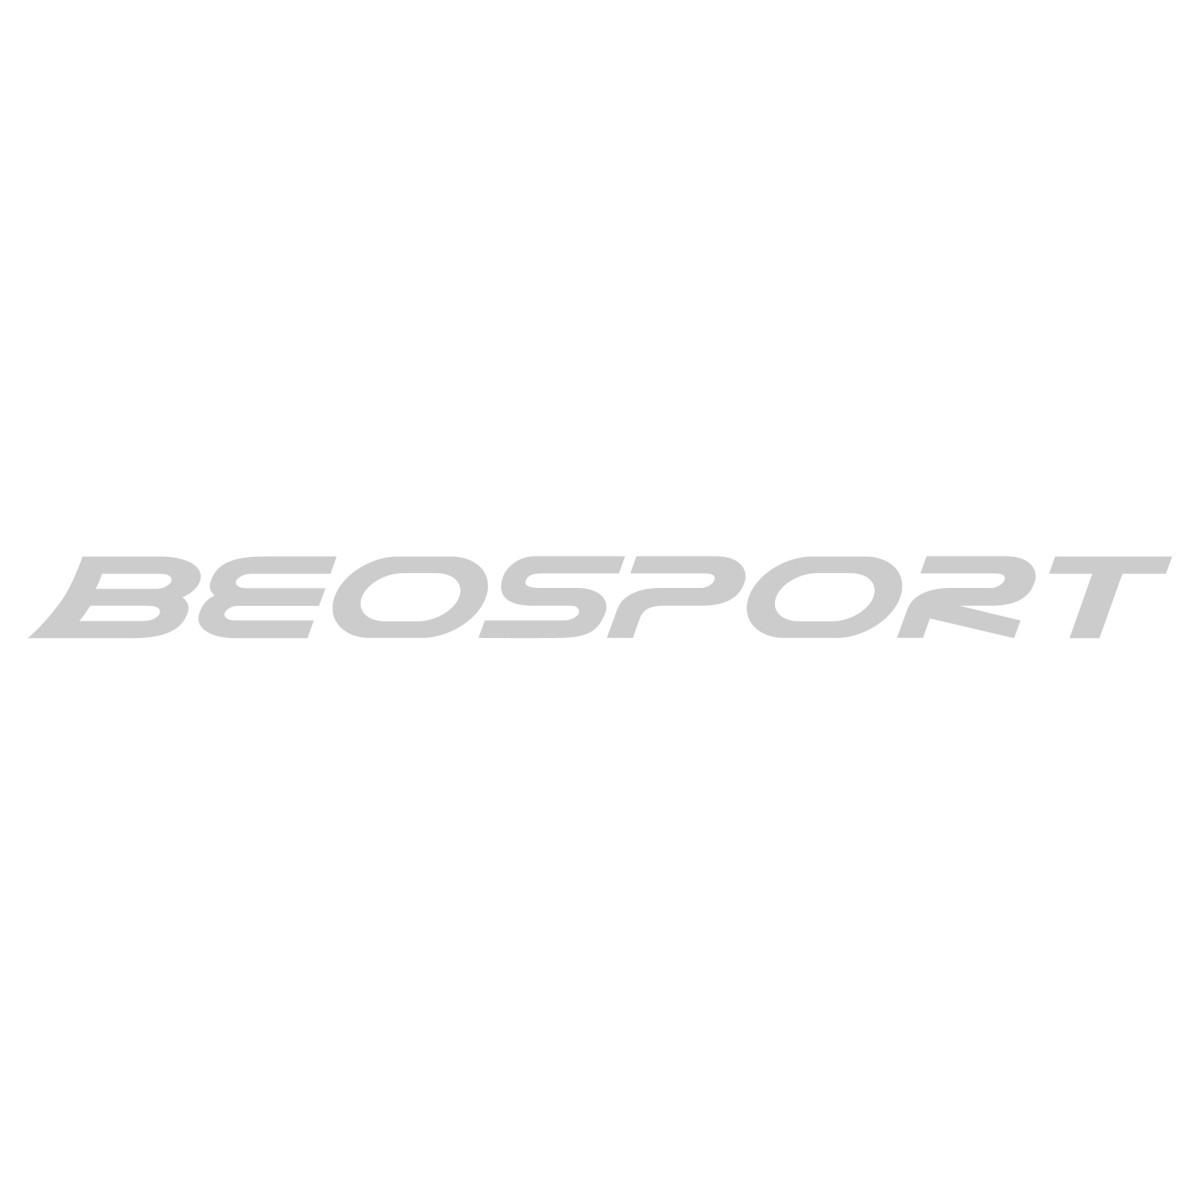 Pepe Jeans Jive Repair farmerke